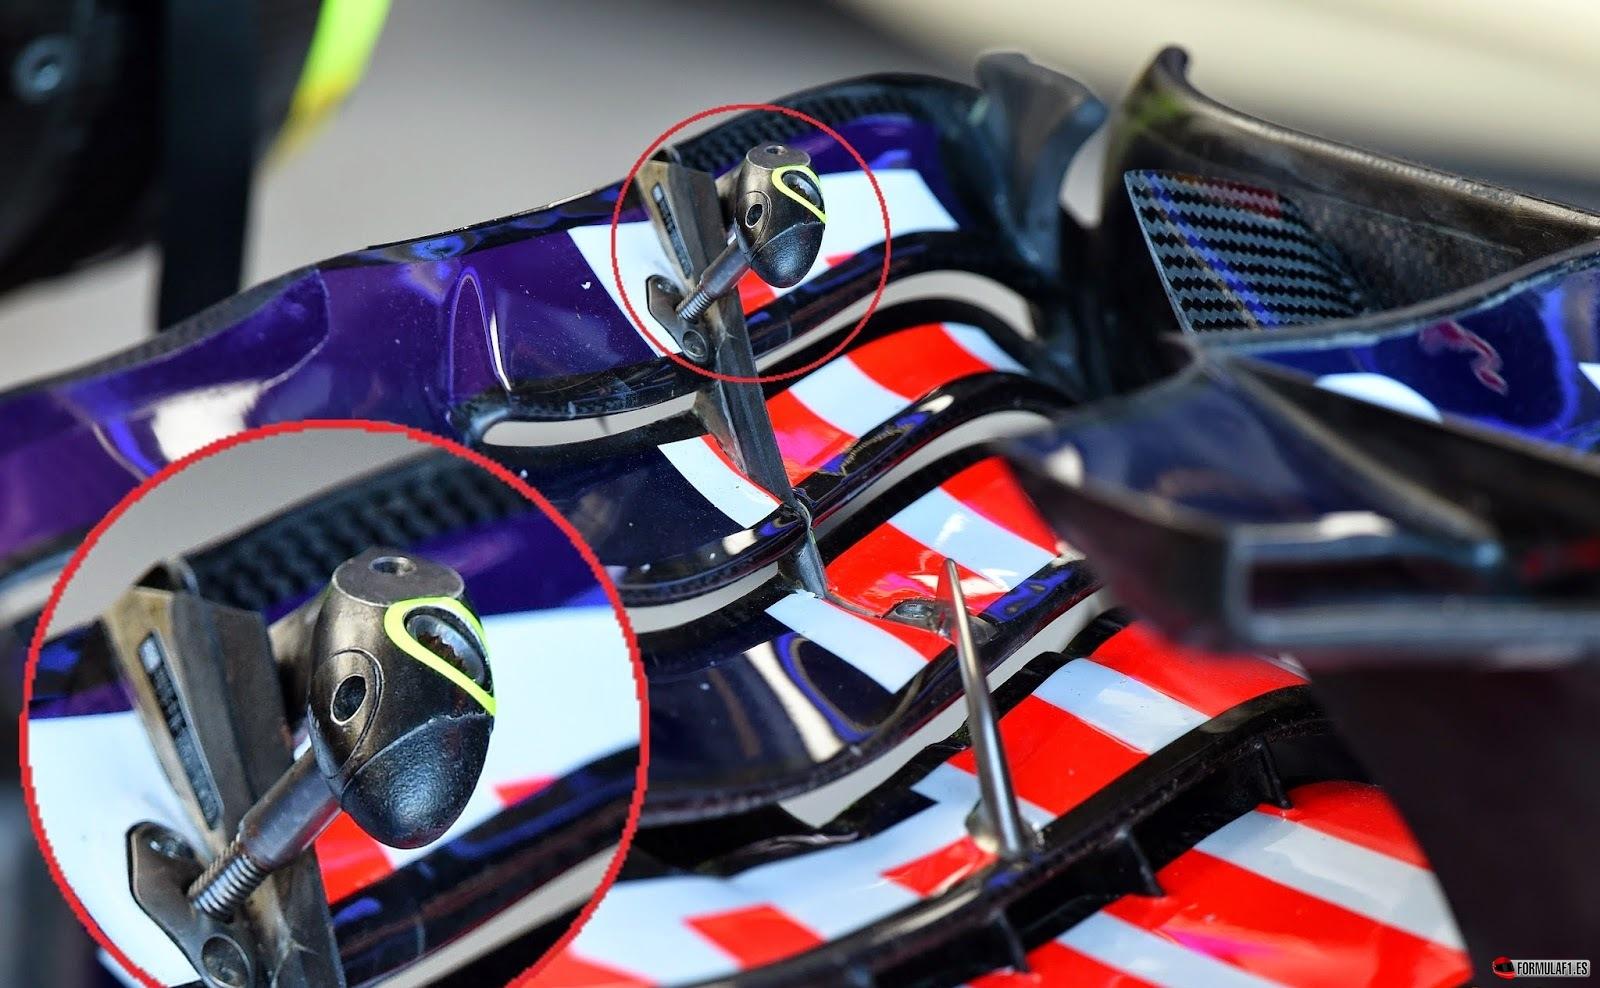 Alerón con flaps flexibles de Red Bull